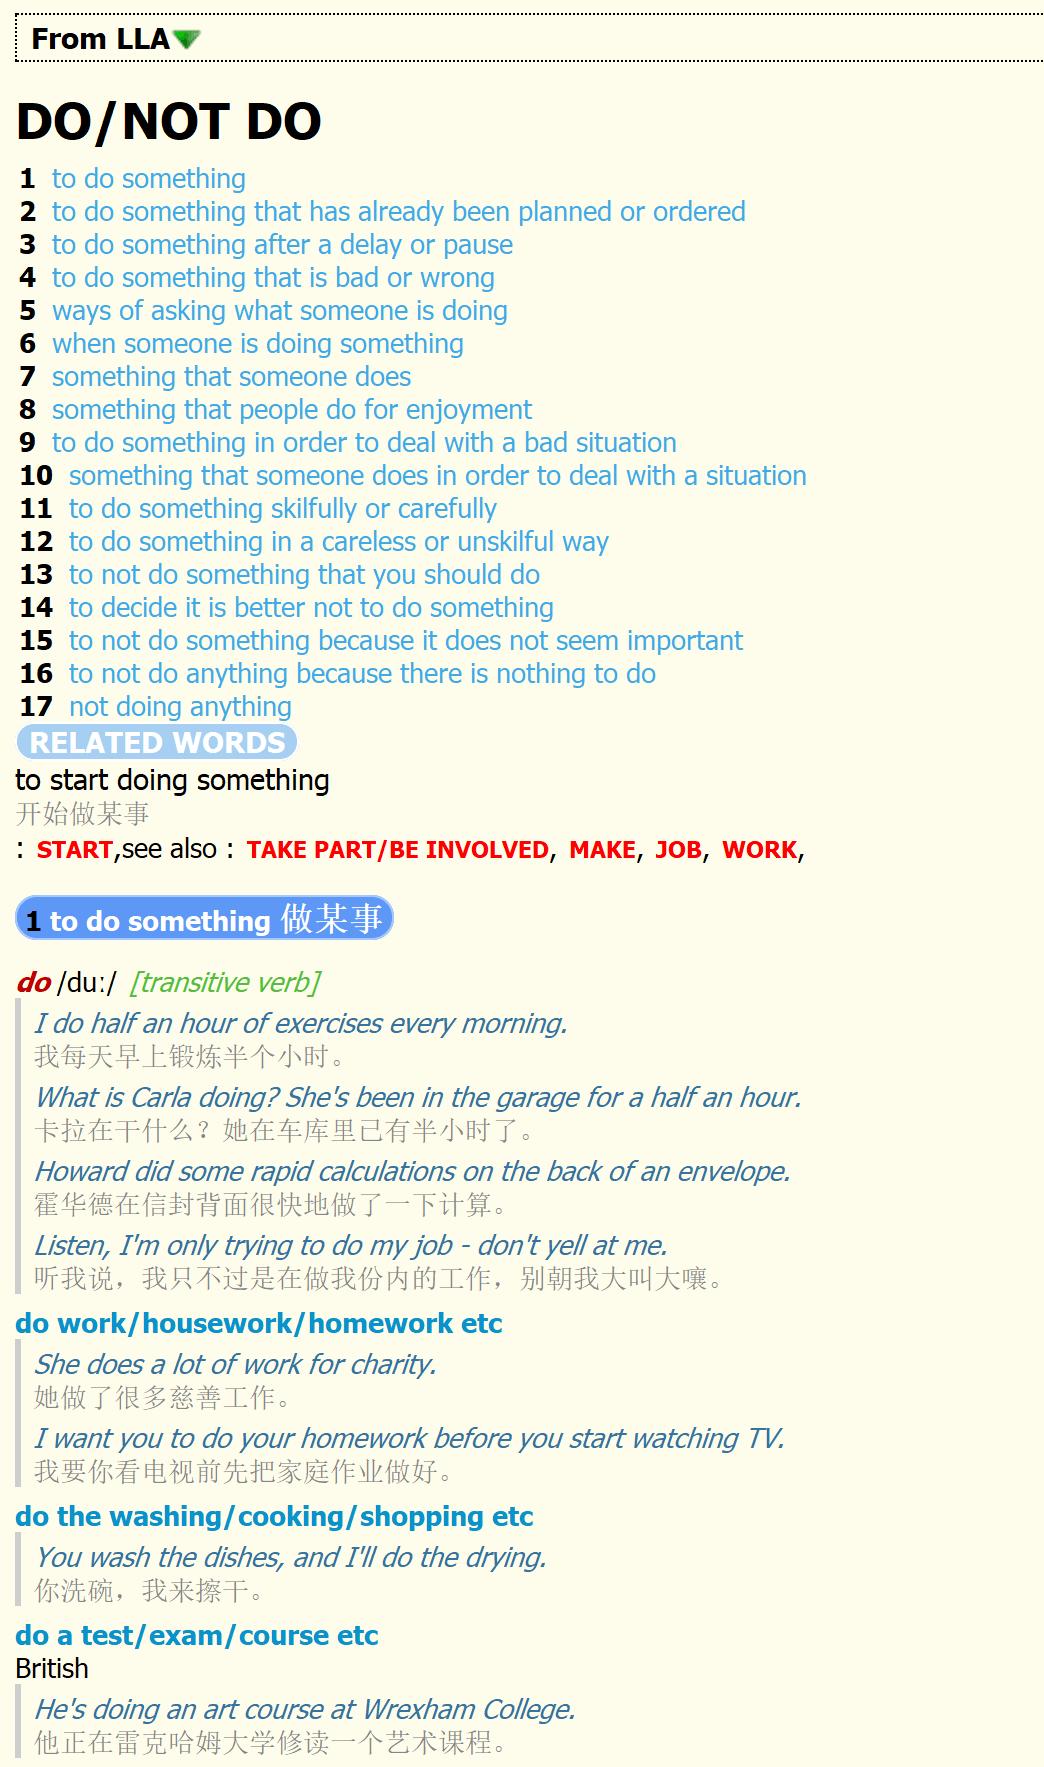 朗文英语写作活用词典英汉双解